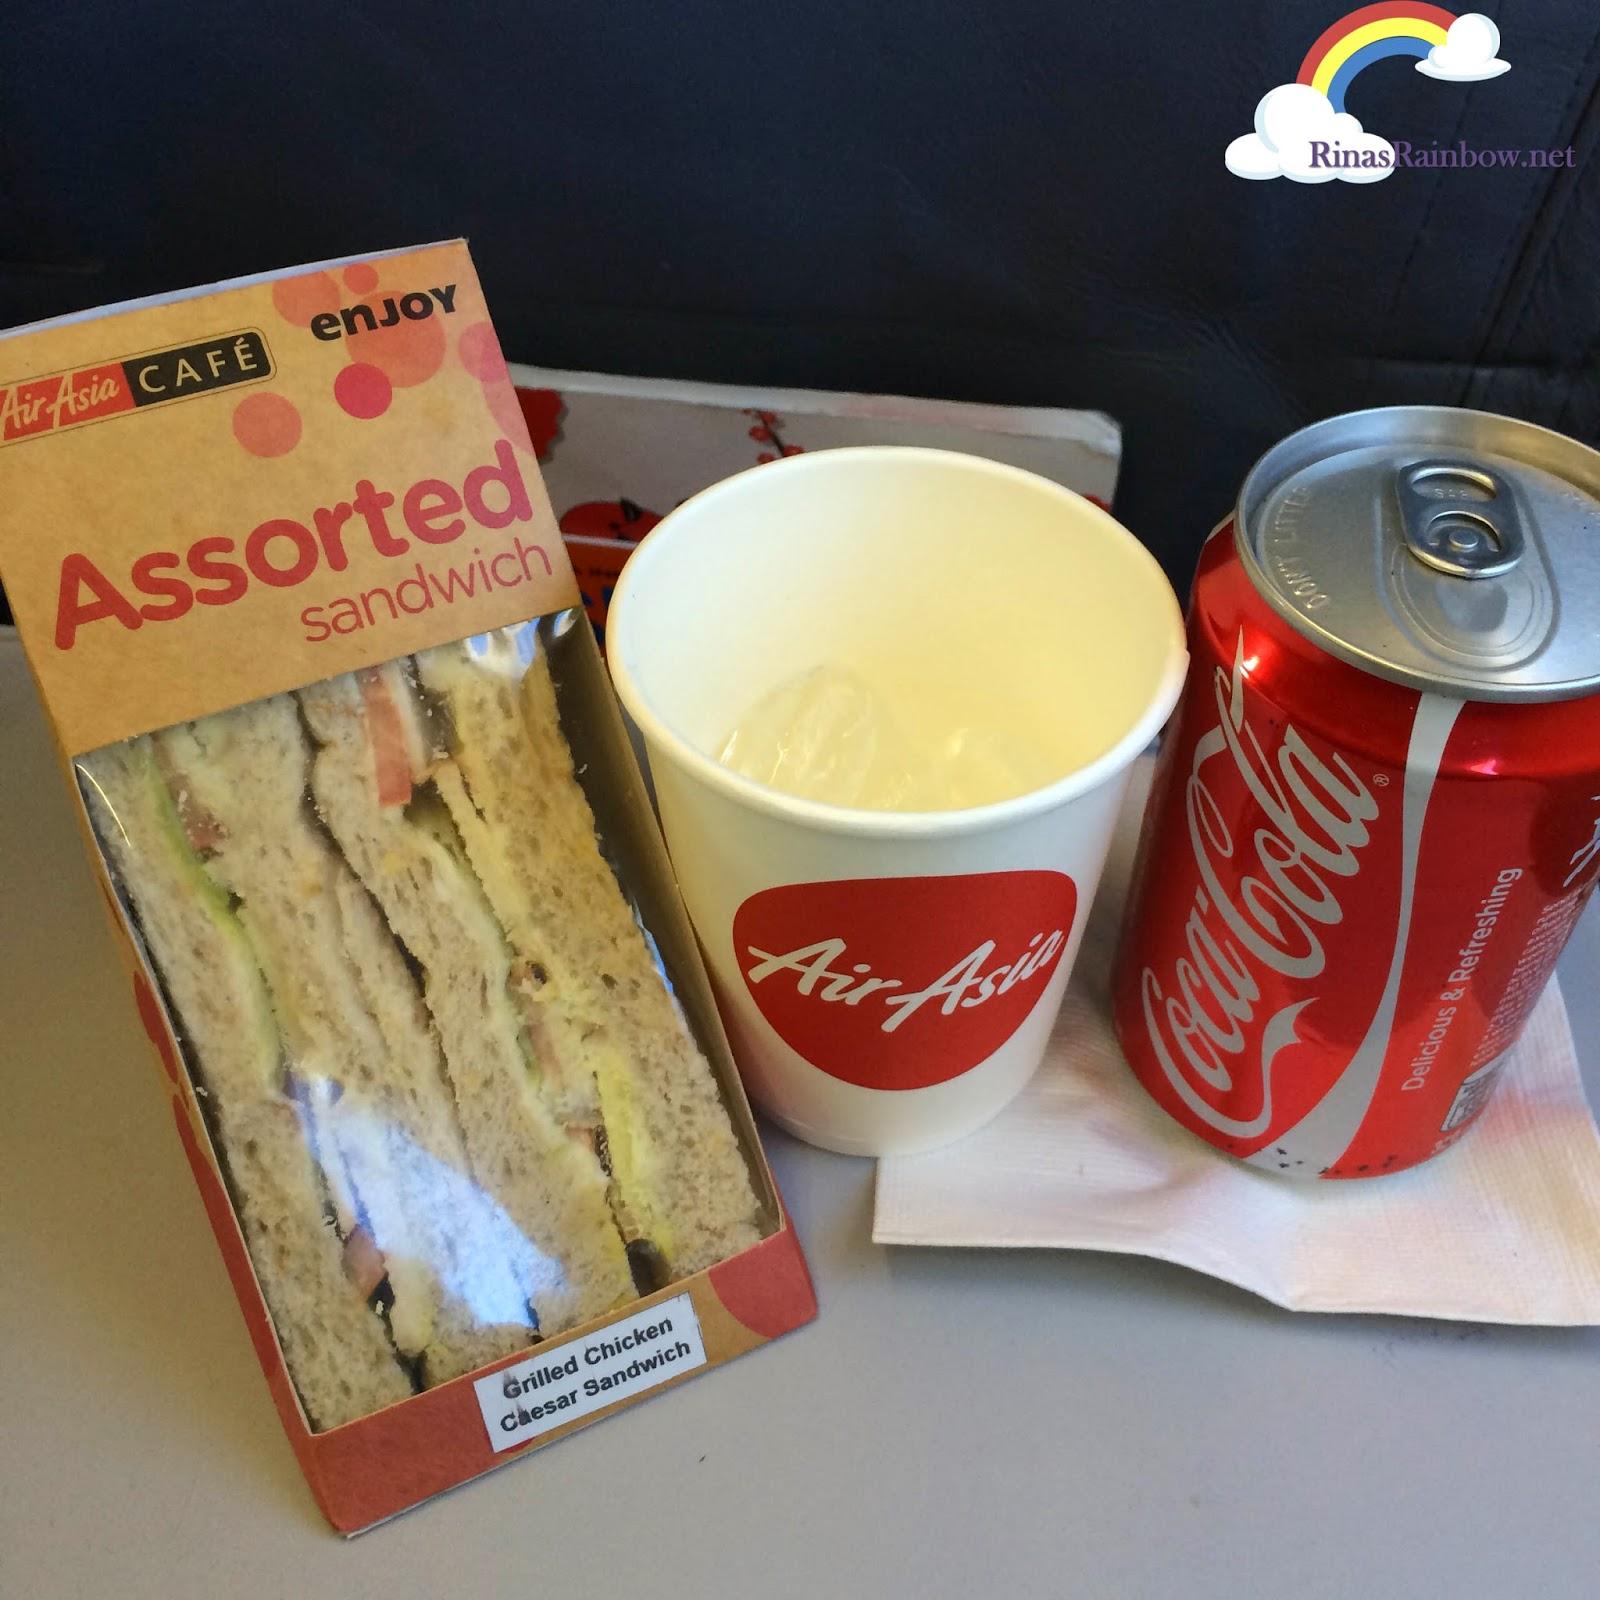 air asia cafe snacks